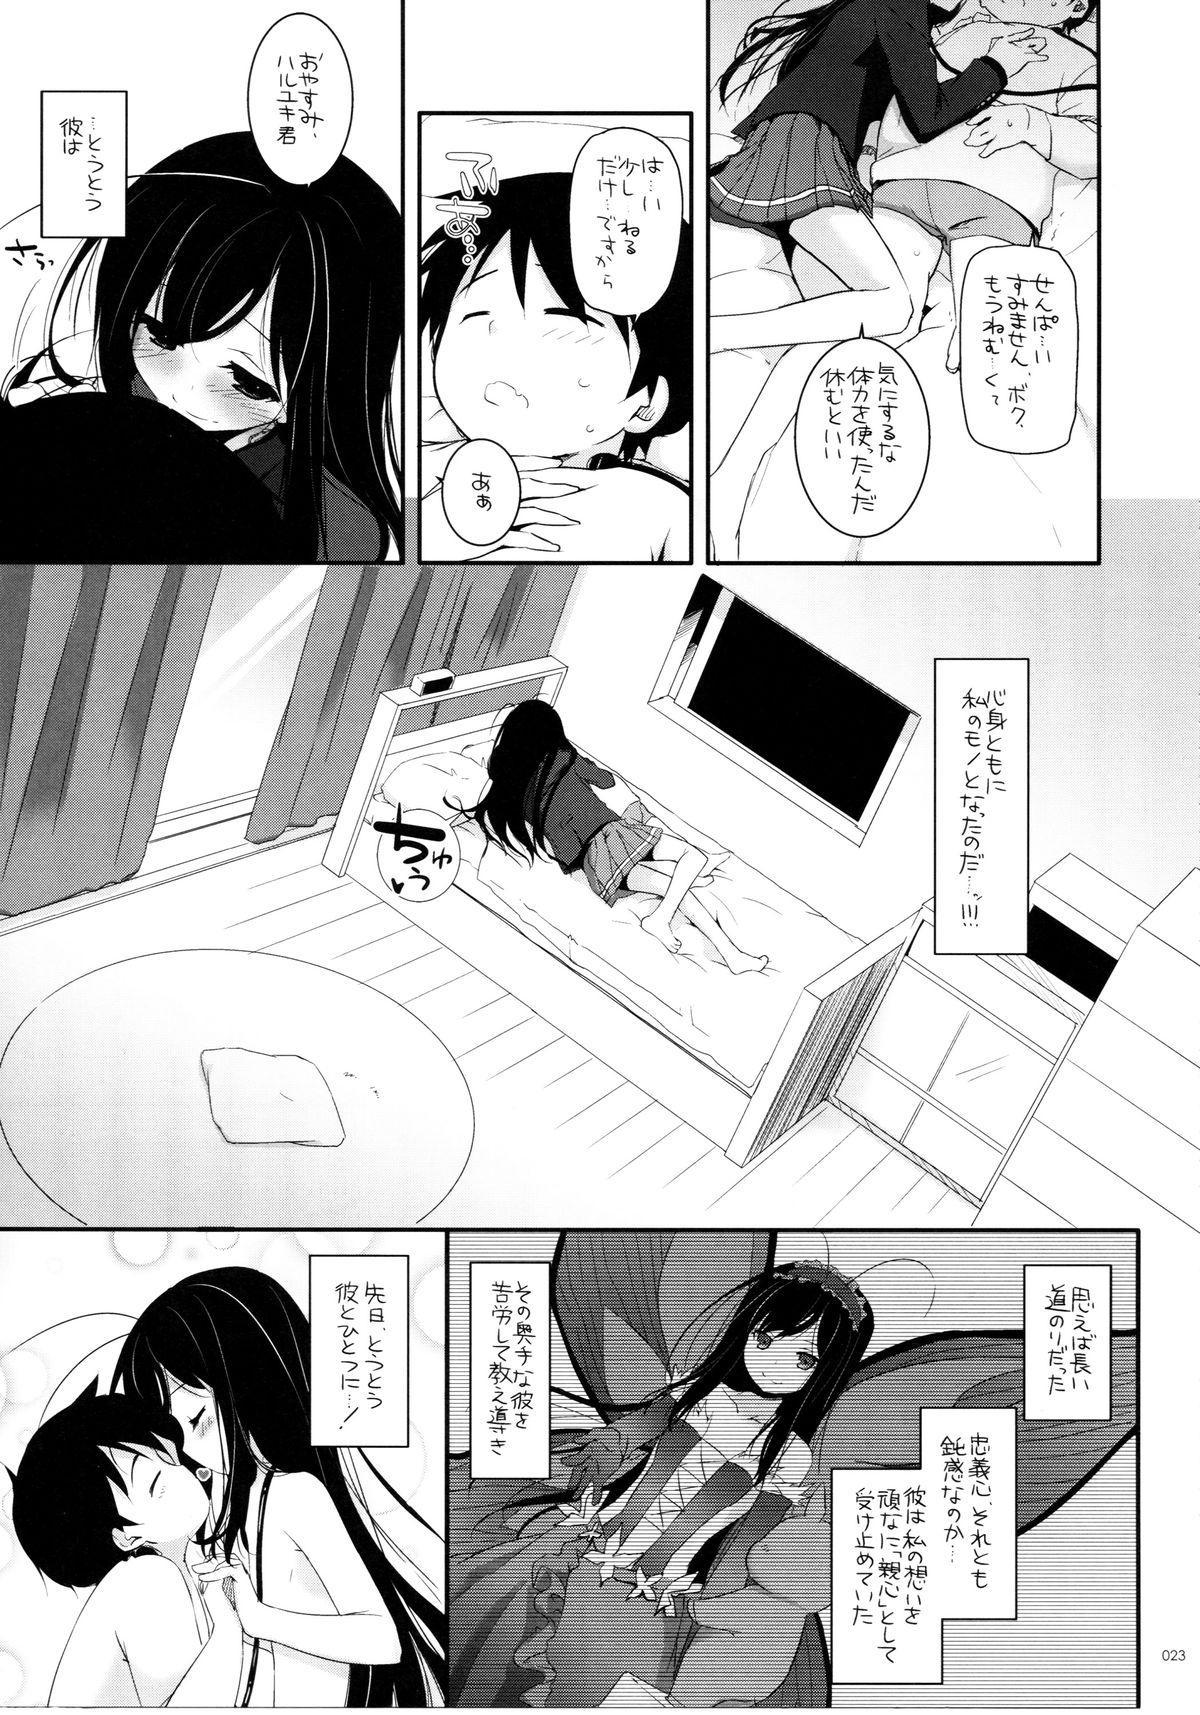 DL-AW&SAO Soushuuhen 21